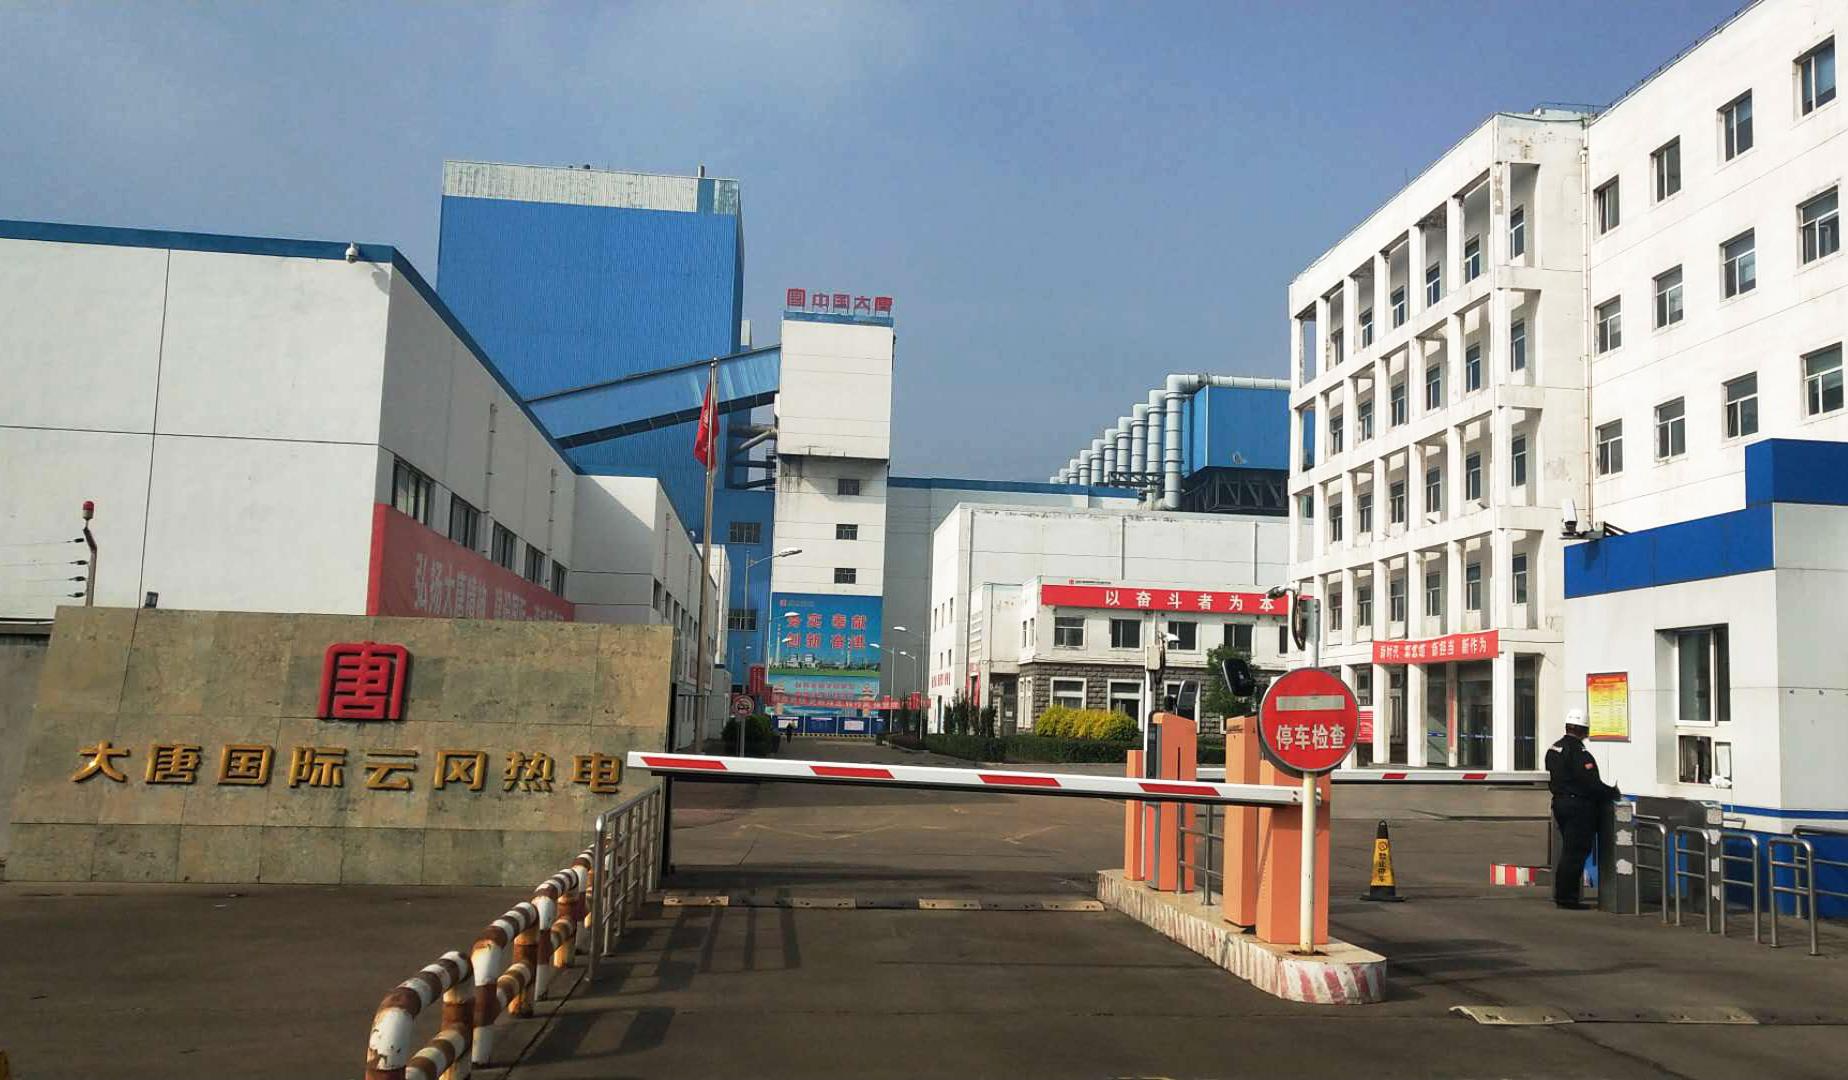 【中标】云冈传喜讯  再次中标云冈热电煤场管理项目